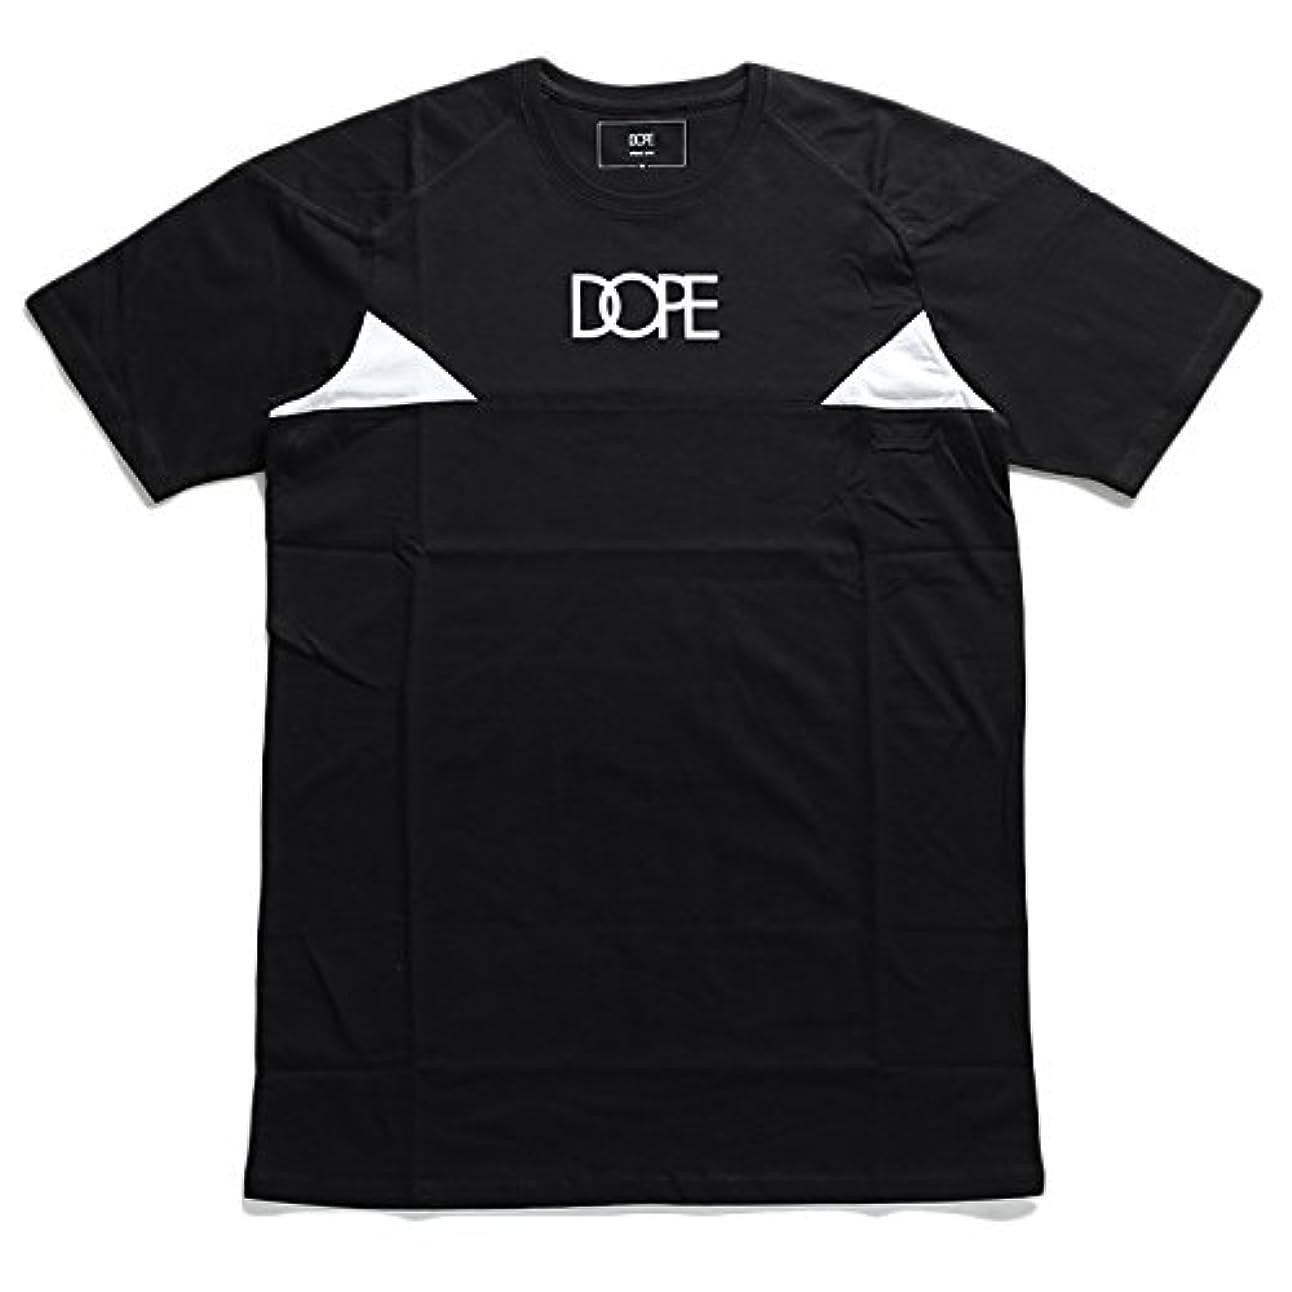 うまくいけば逆り【D0415-T172-BK】 ドープ DOPE Tシャツ 半袖 ティーシャツ 切替 ブランドロゴ バイカー アメカジ スケート ビッグシルエット 大きいサイズ 正規品 (01)黒 M